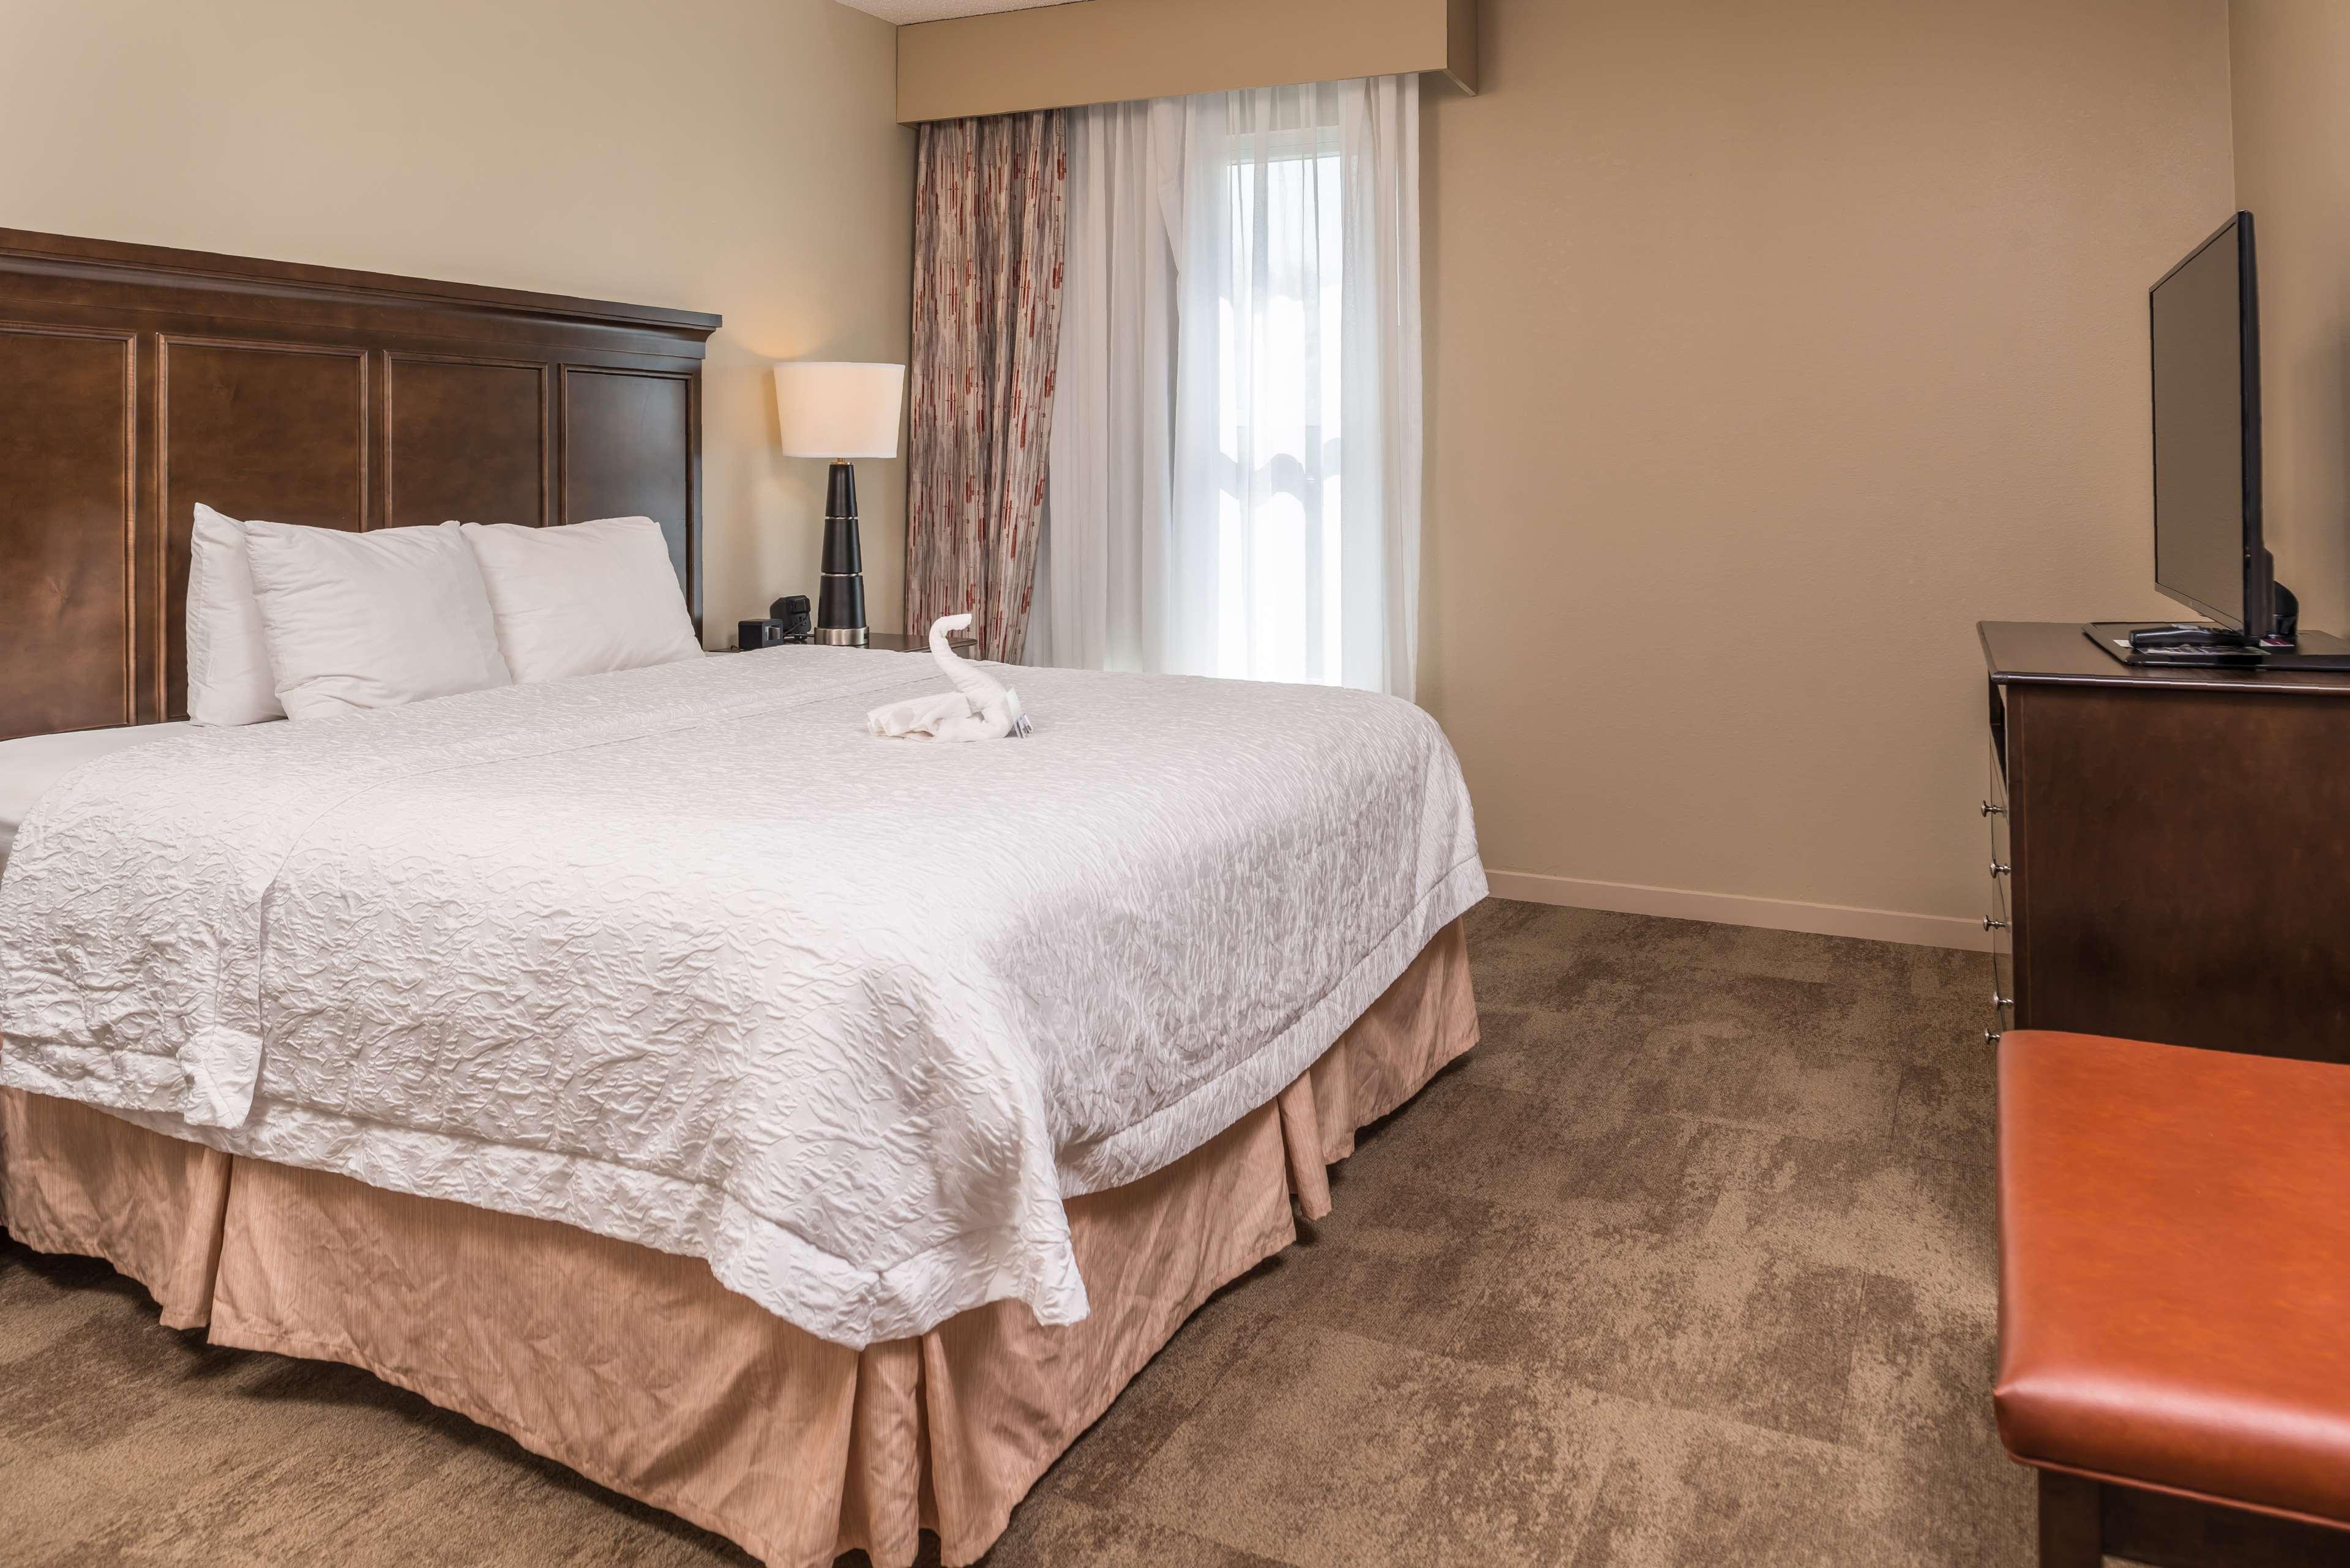 Hampton Inn & Suites Charlotte-Arrowood Rd. image 38